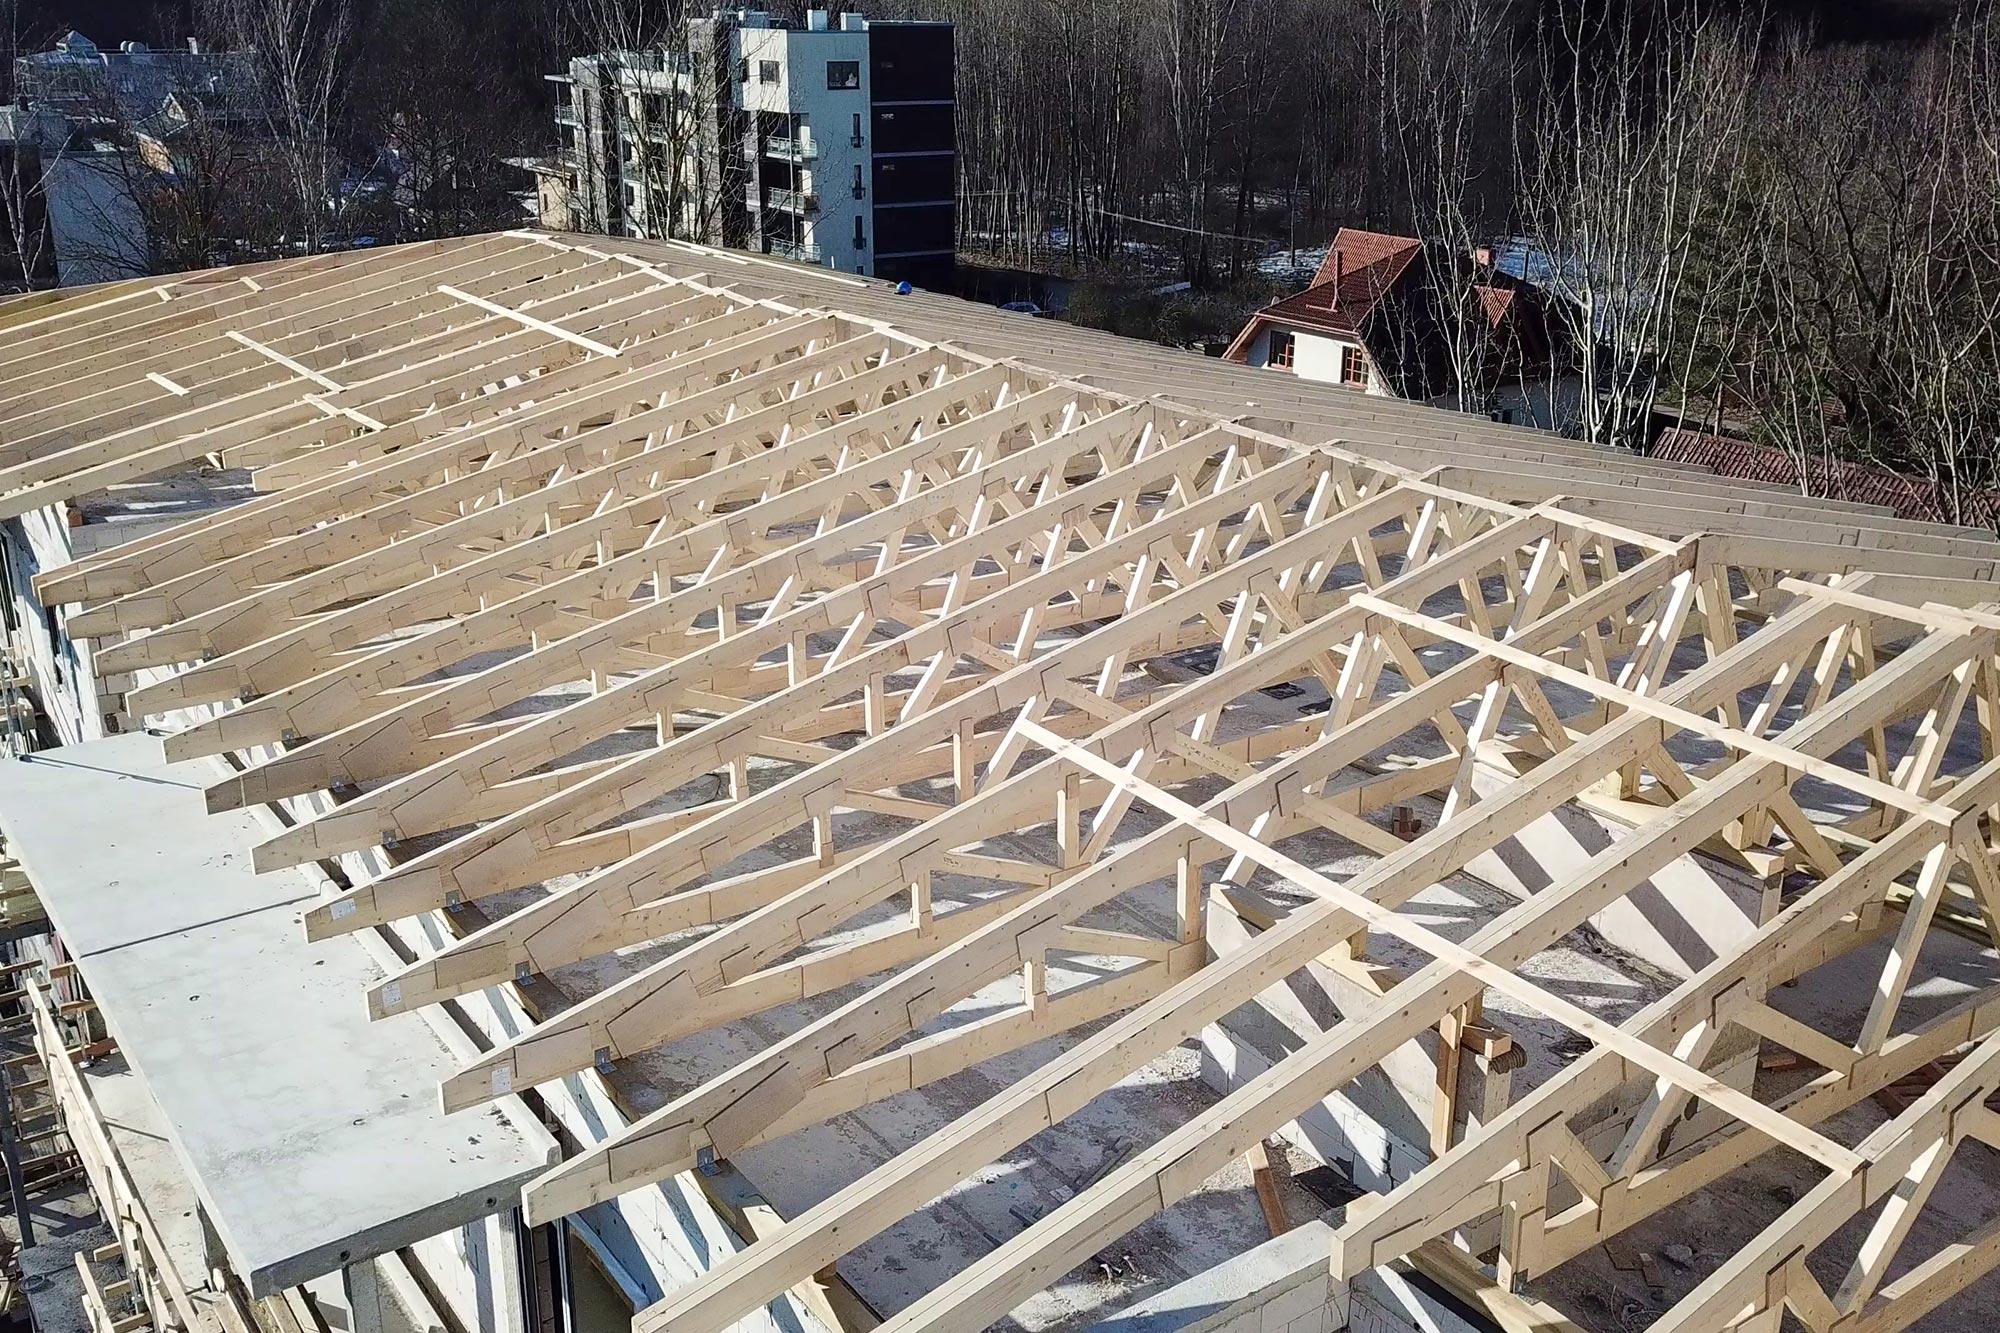 Jumta konstrukcija koka kopnes tavam jumtam